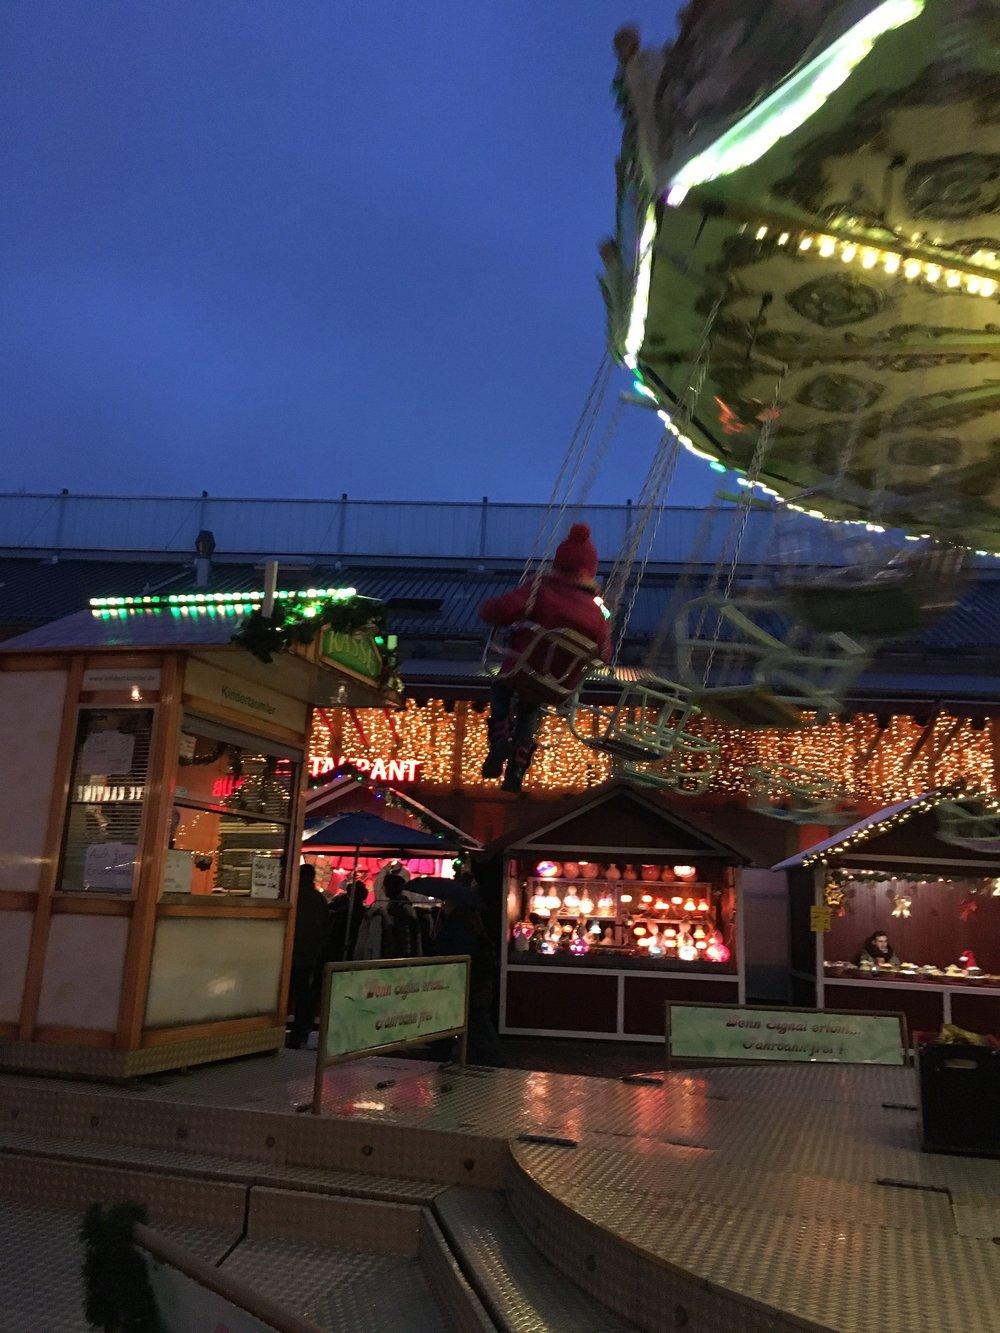 hoiberlin-karussel-weihnachtsmarkt